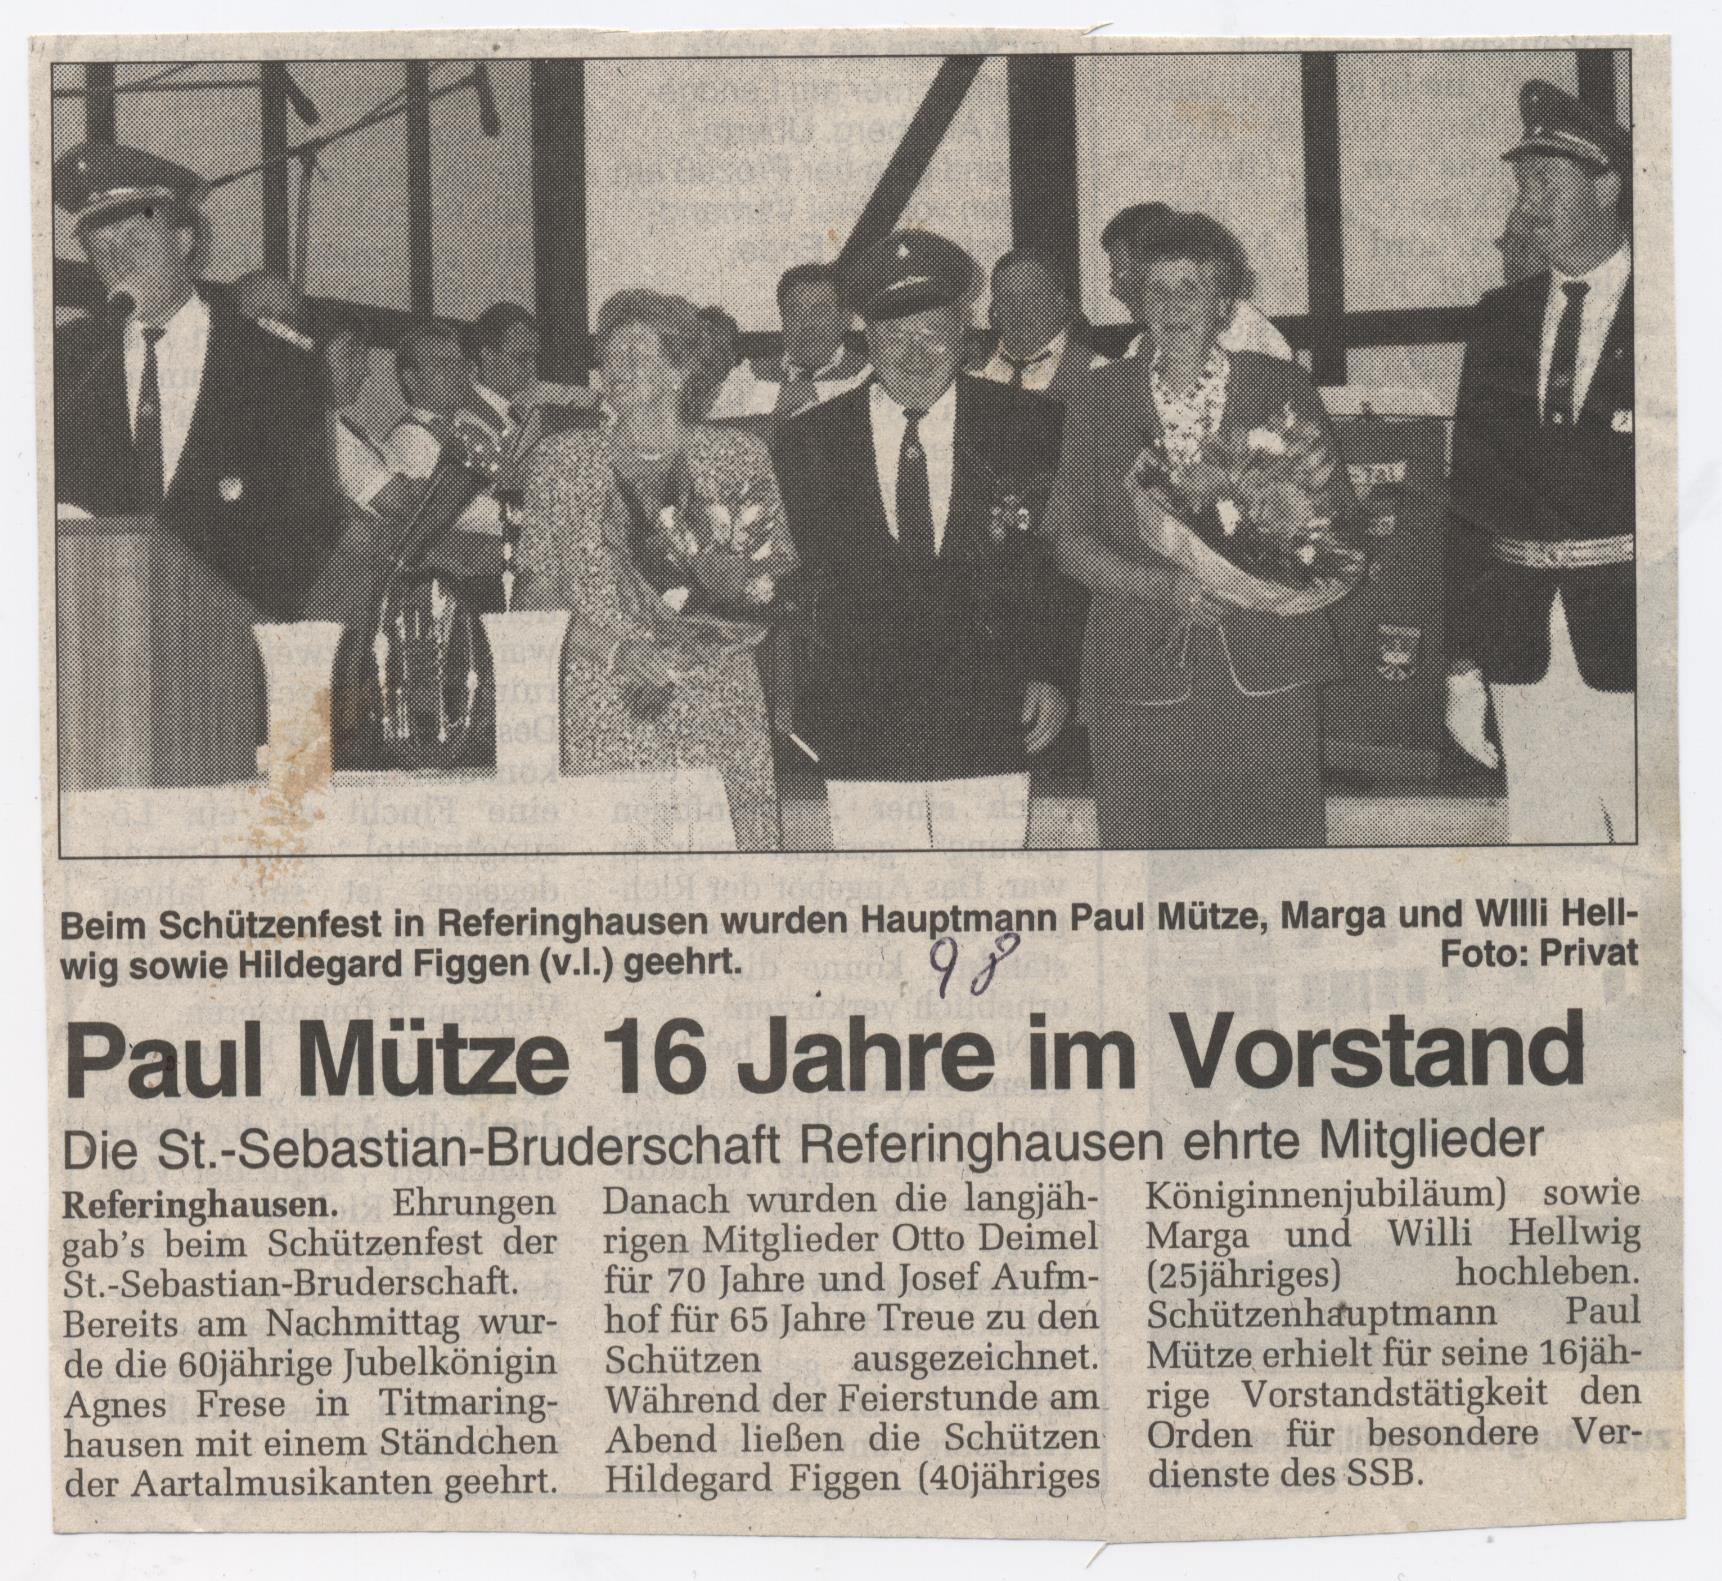 Paul Mütze 16 Jahre im Vorstand